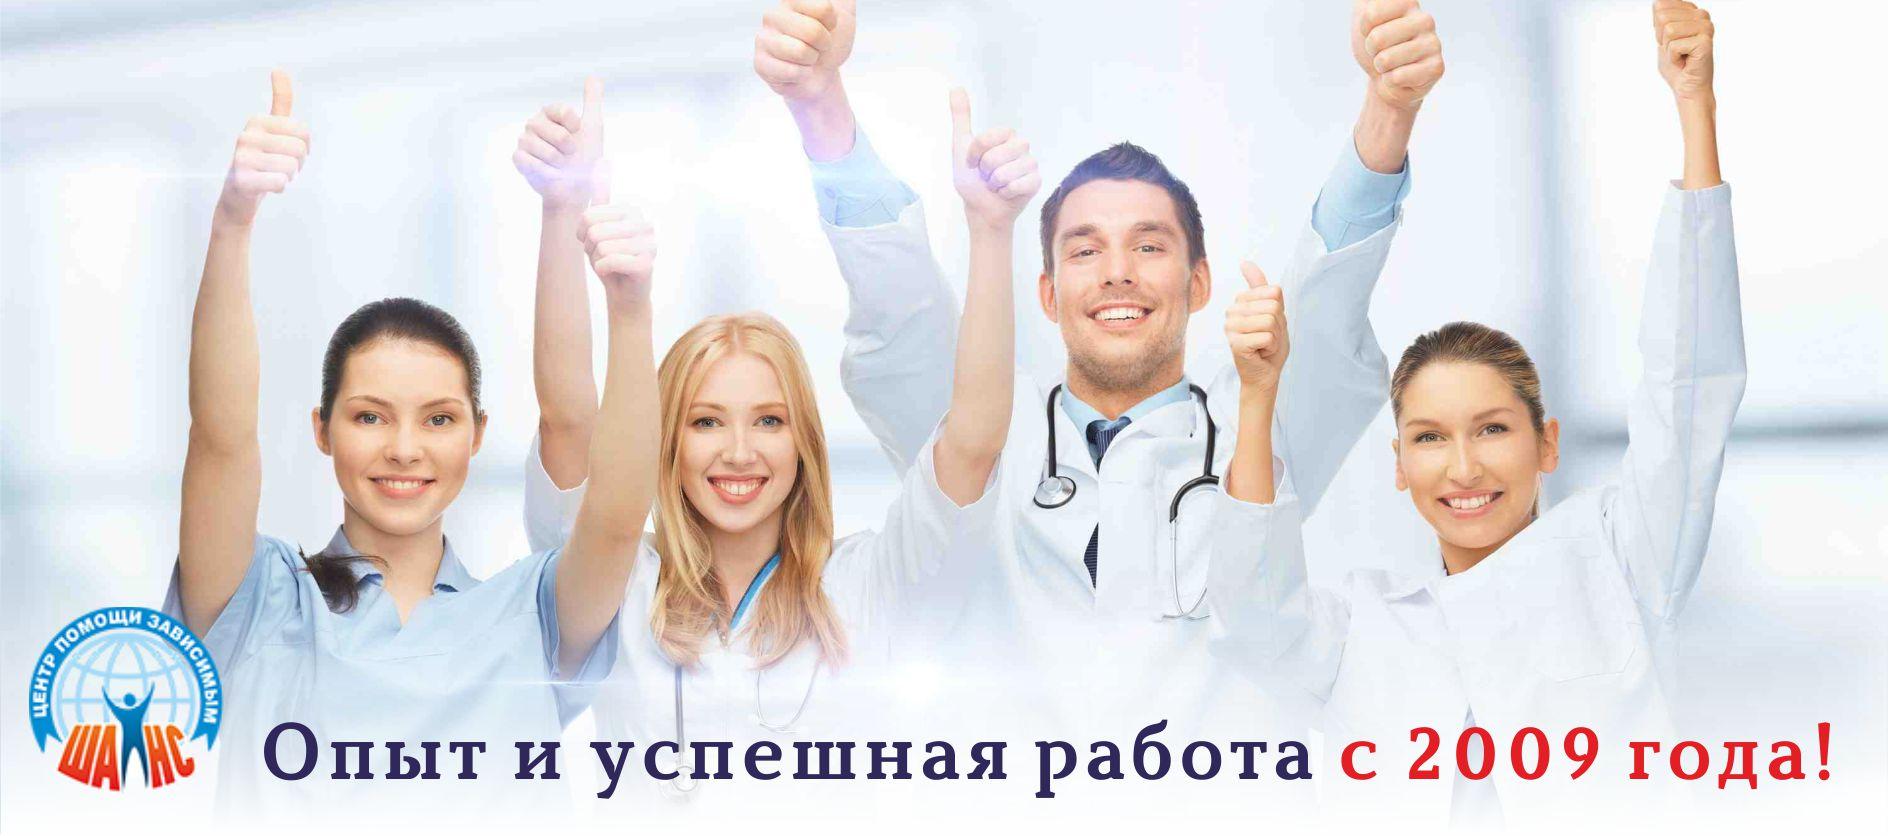 Анонимное лечение наркомании в г. Киев